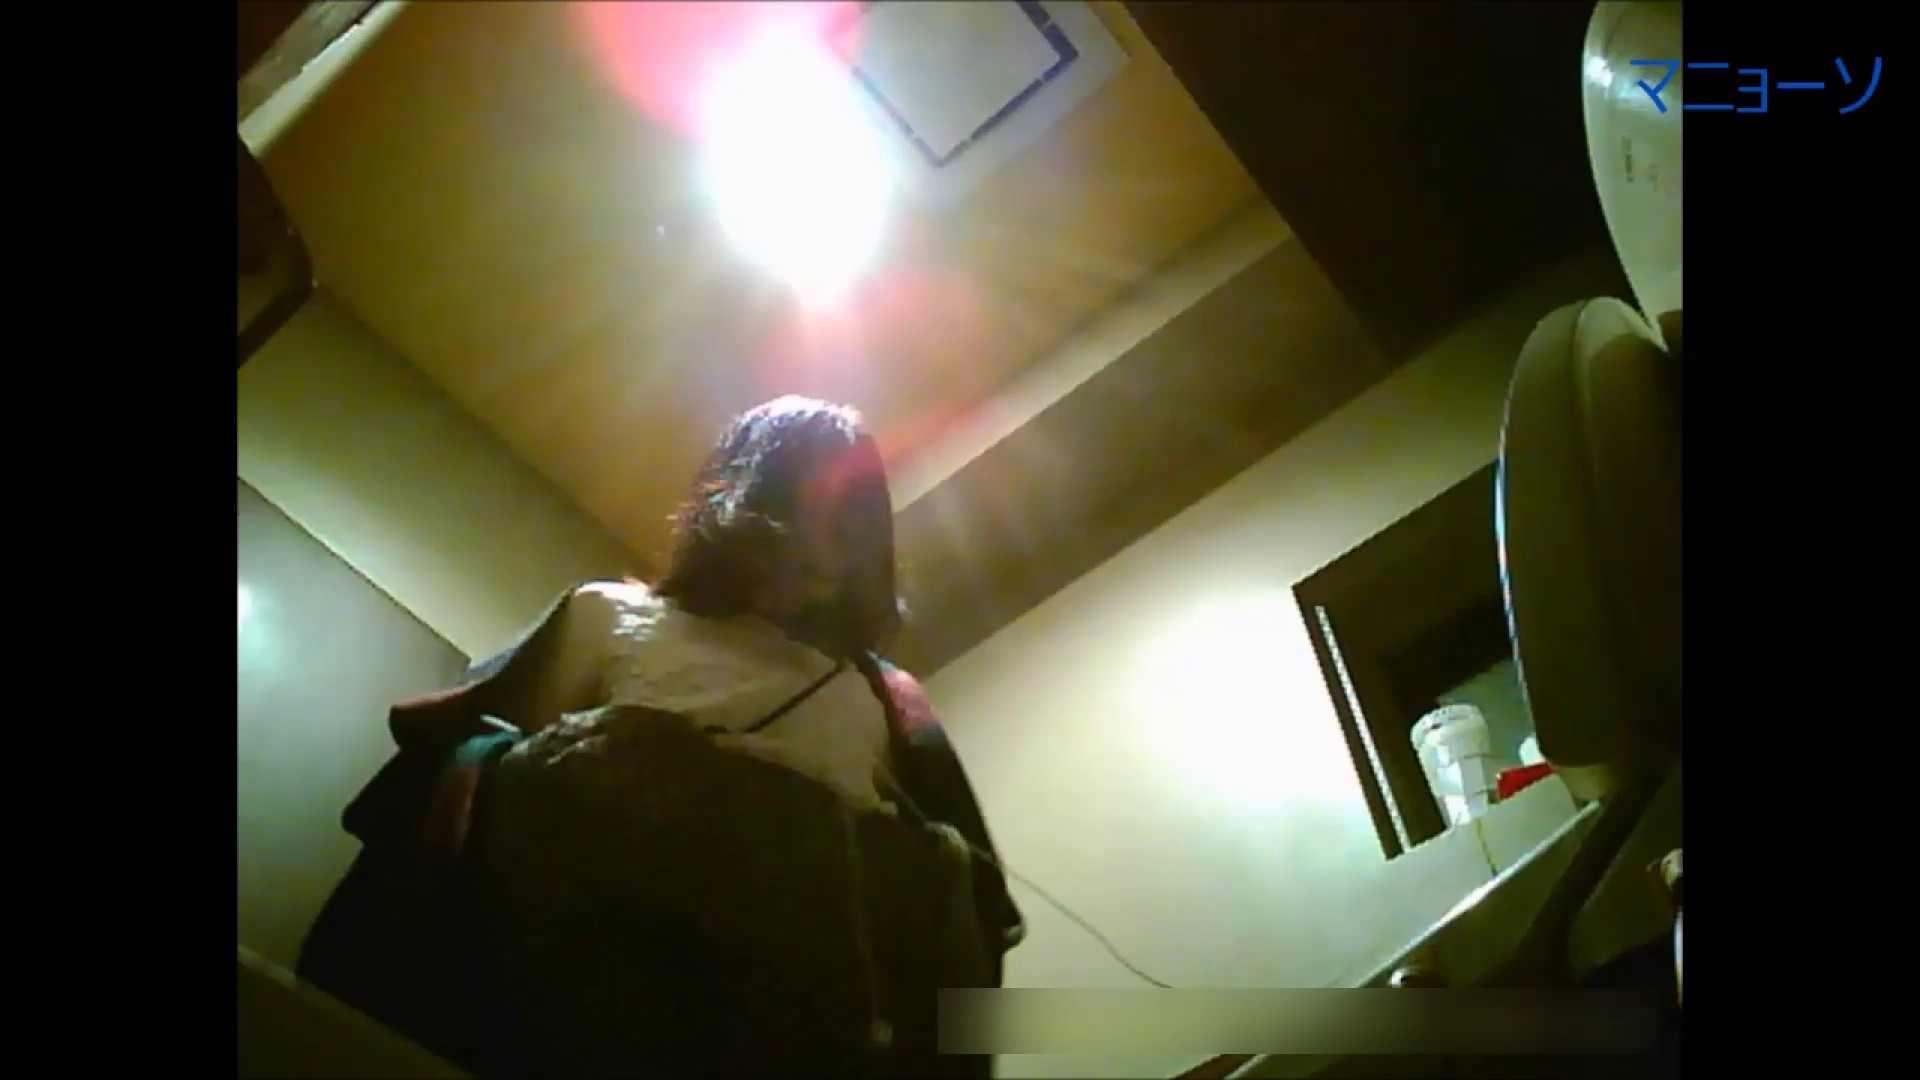 トイレでひと肌脱いでもらいました (JD編)Vol.01 OL  93pic 39